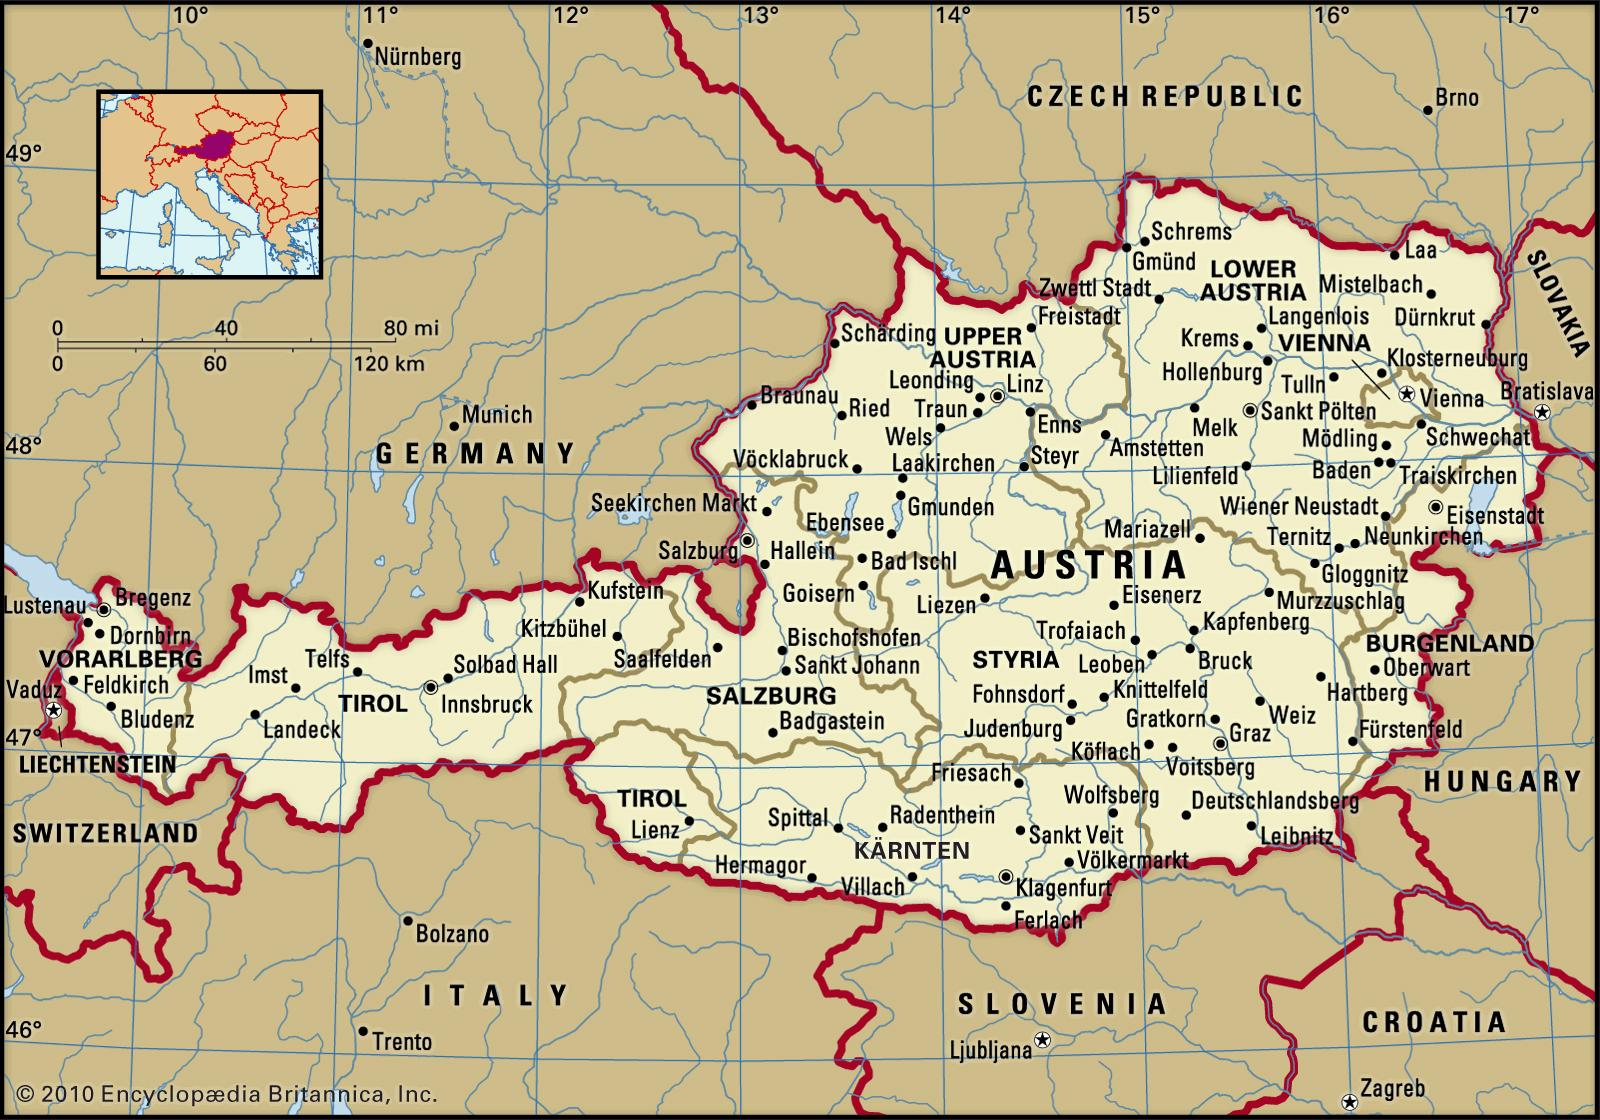 Country - Austria